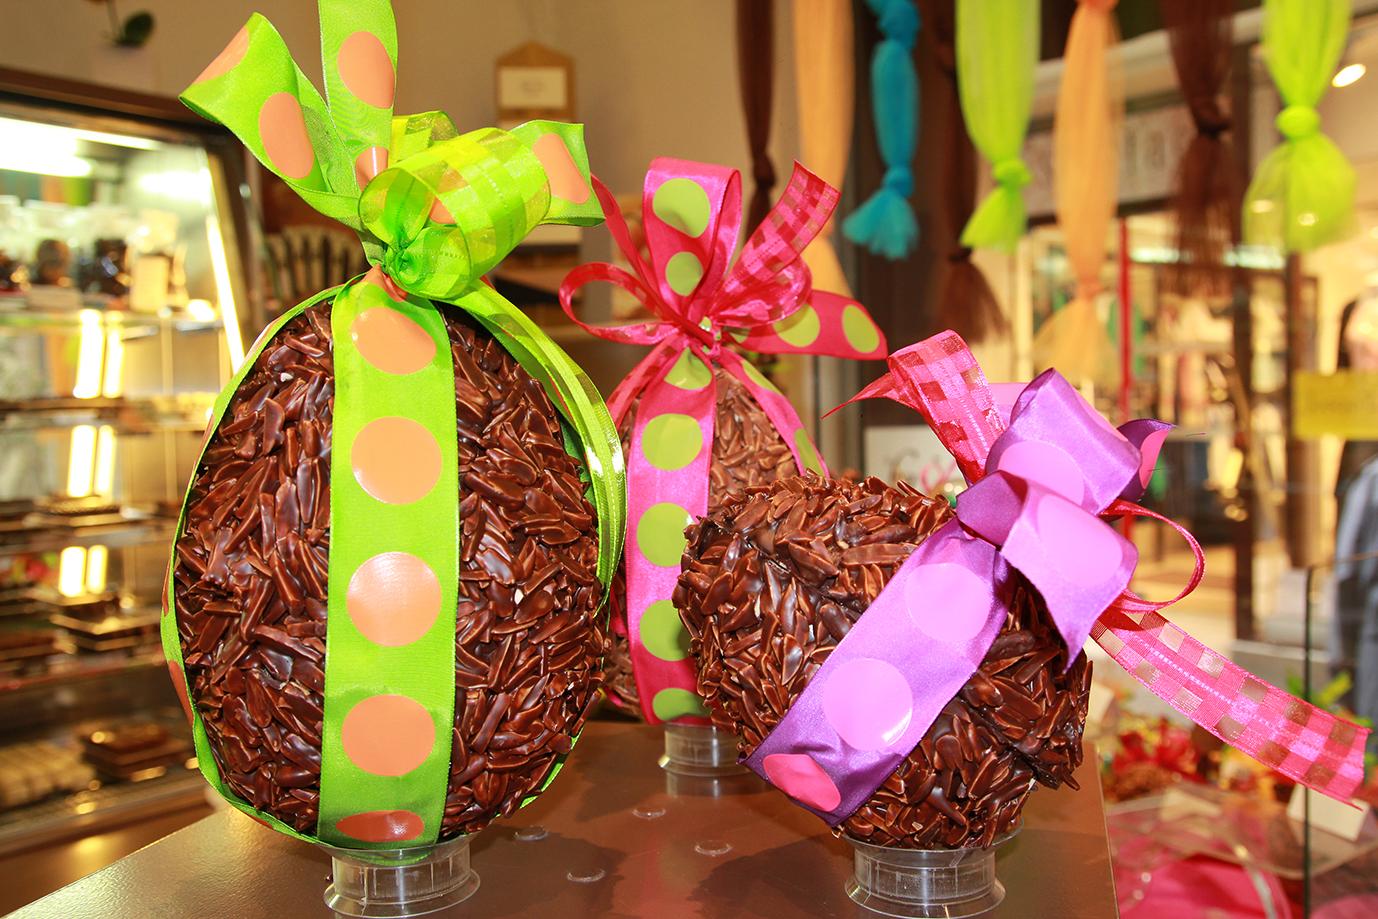 La chocolaterie Leroy fête Pâques